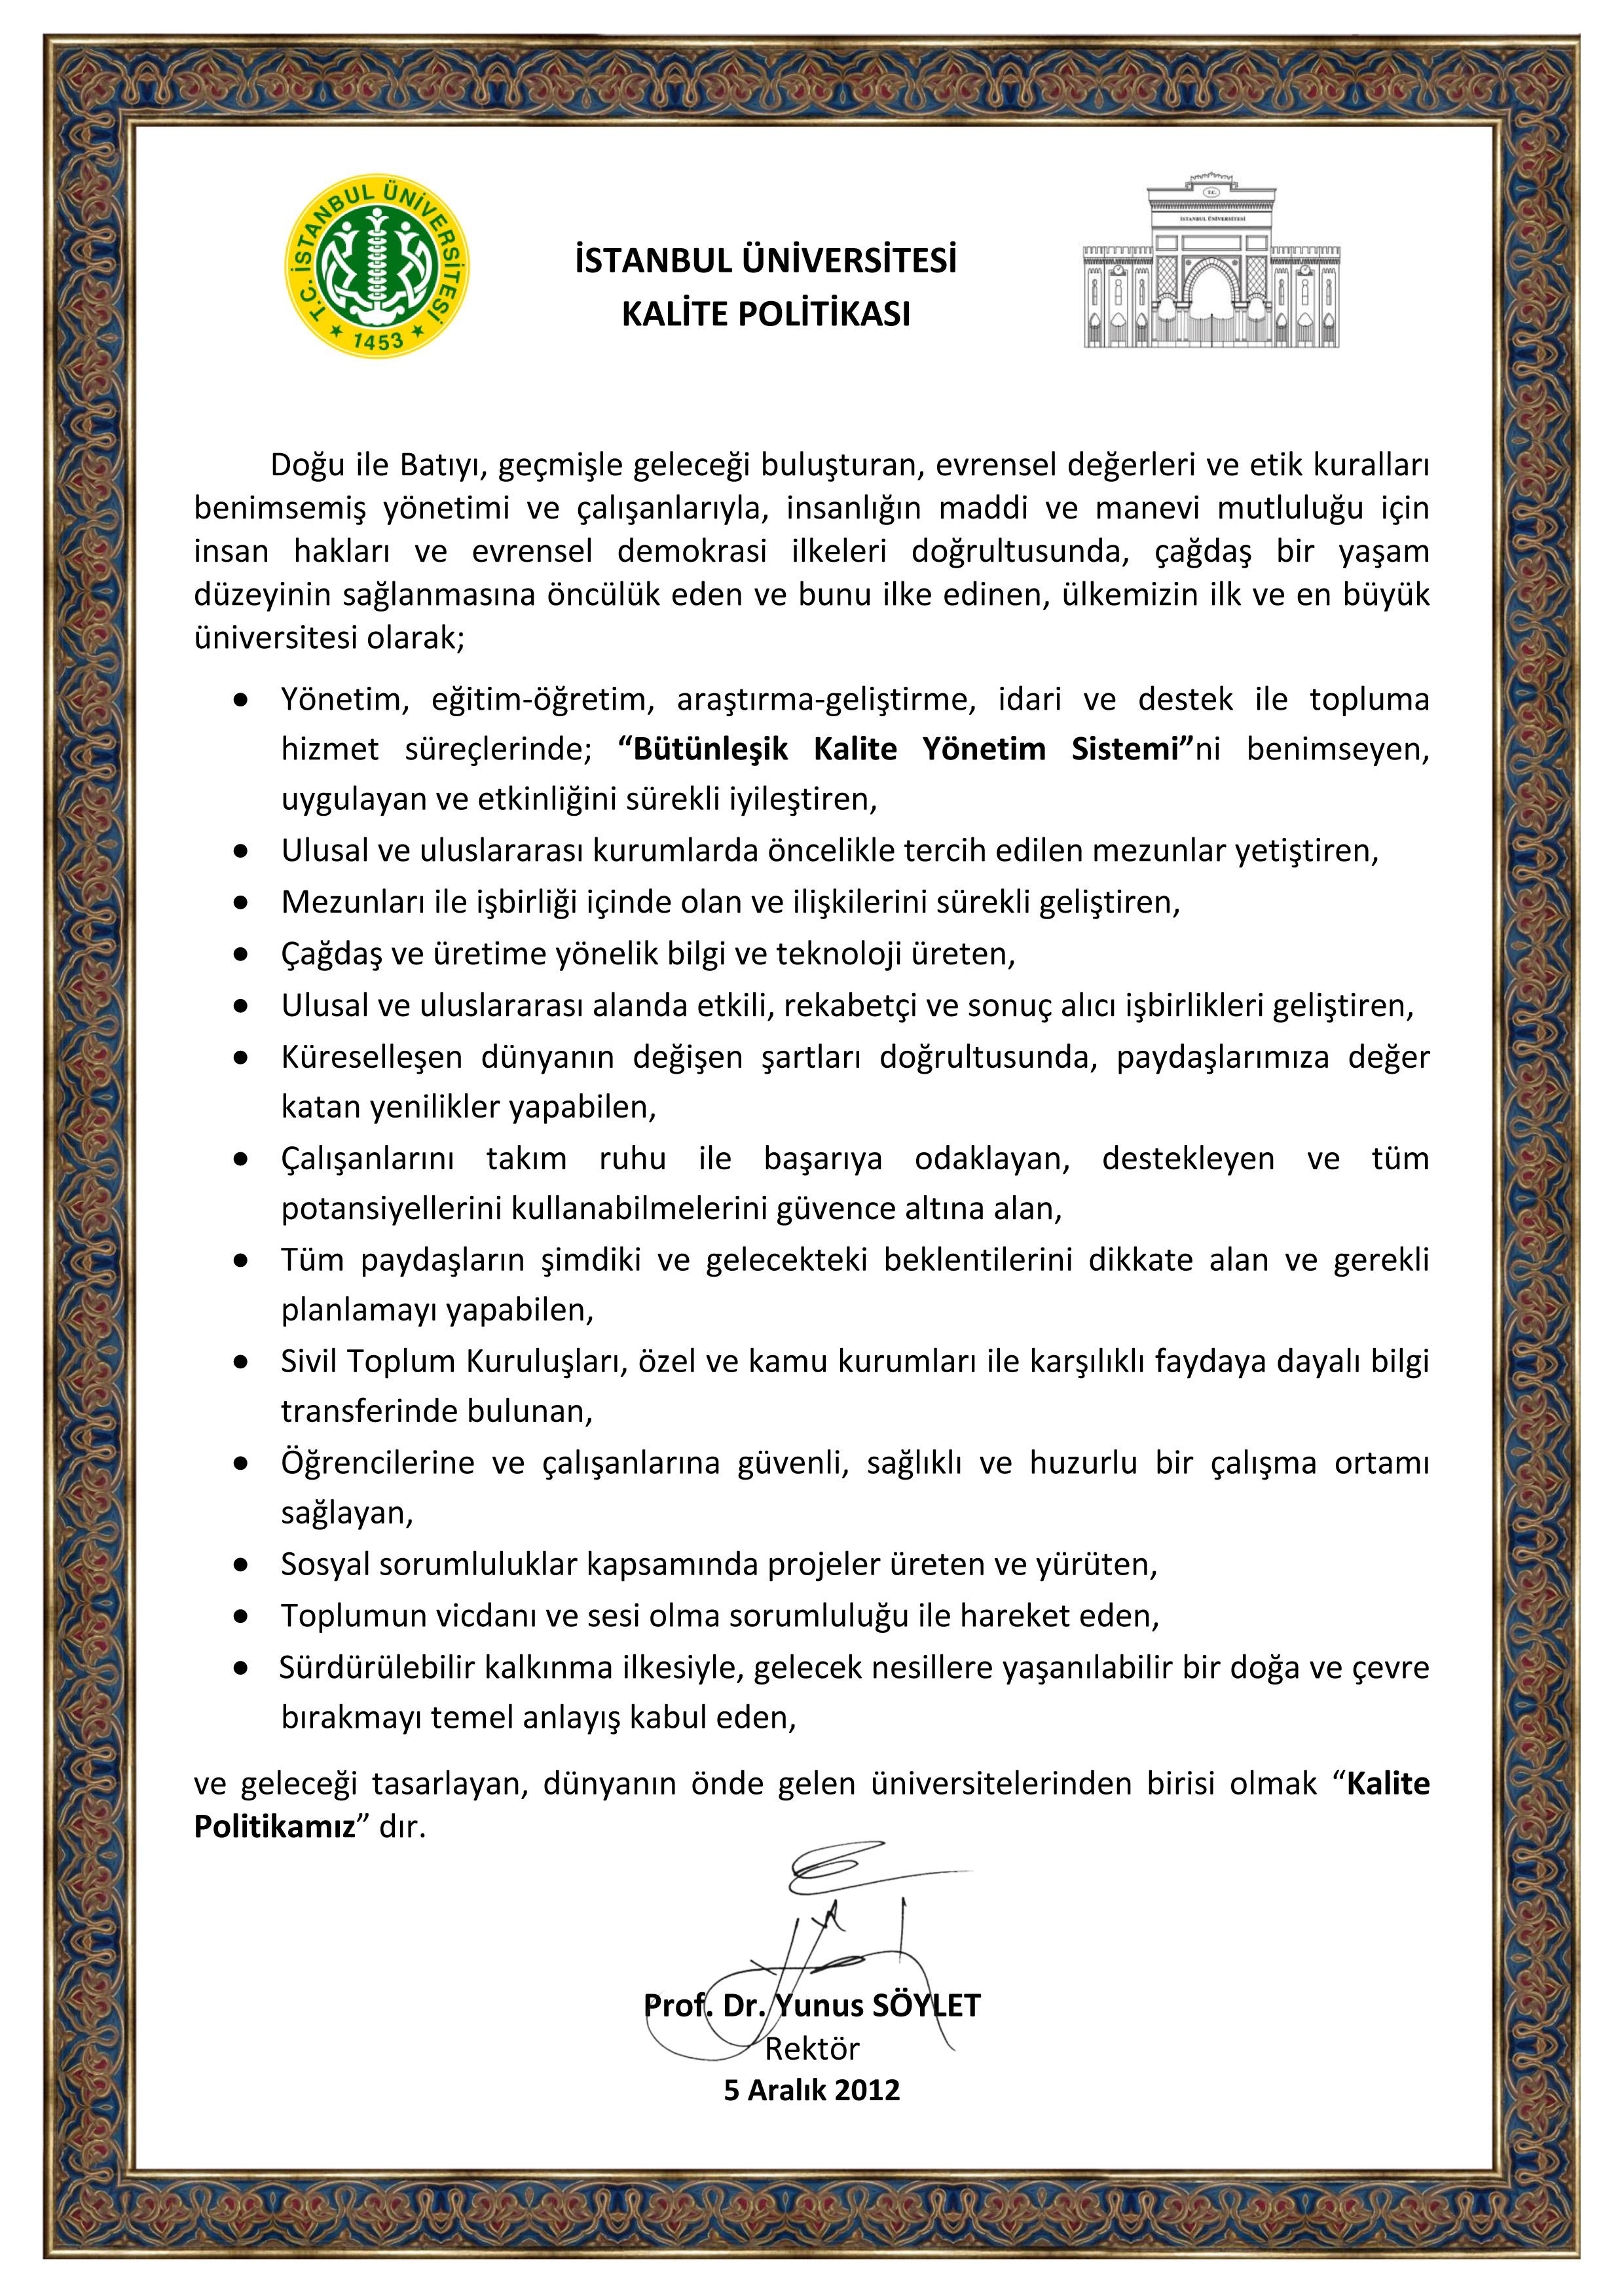 İÜ-KALİTE-POLİTİKASI